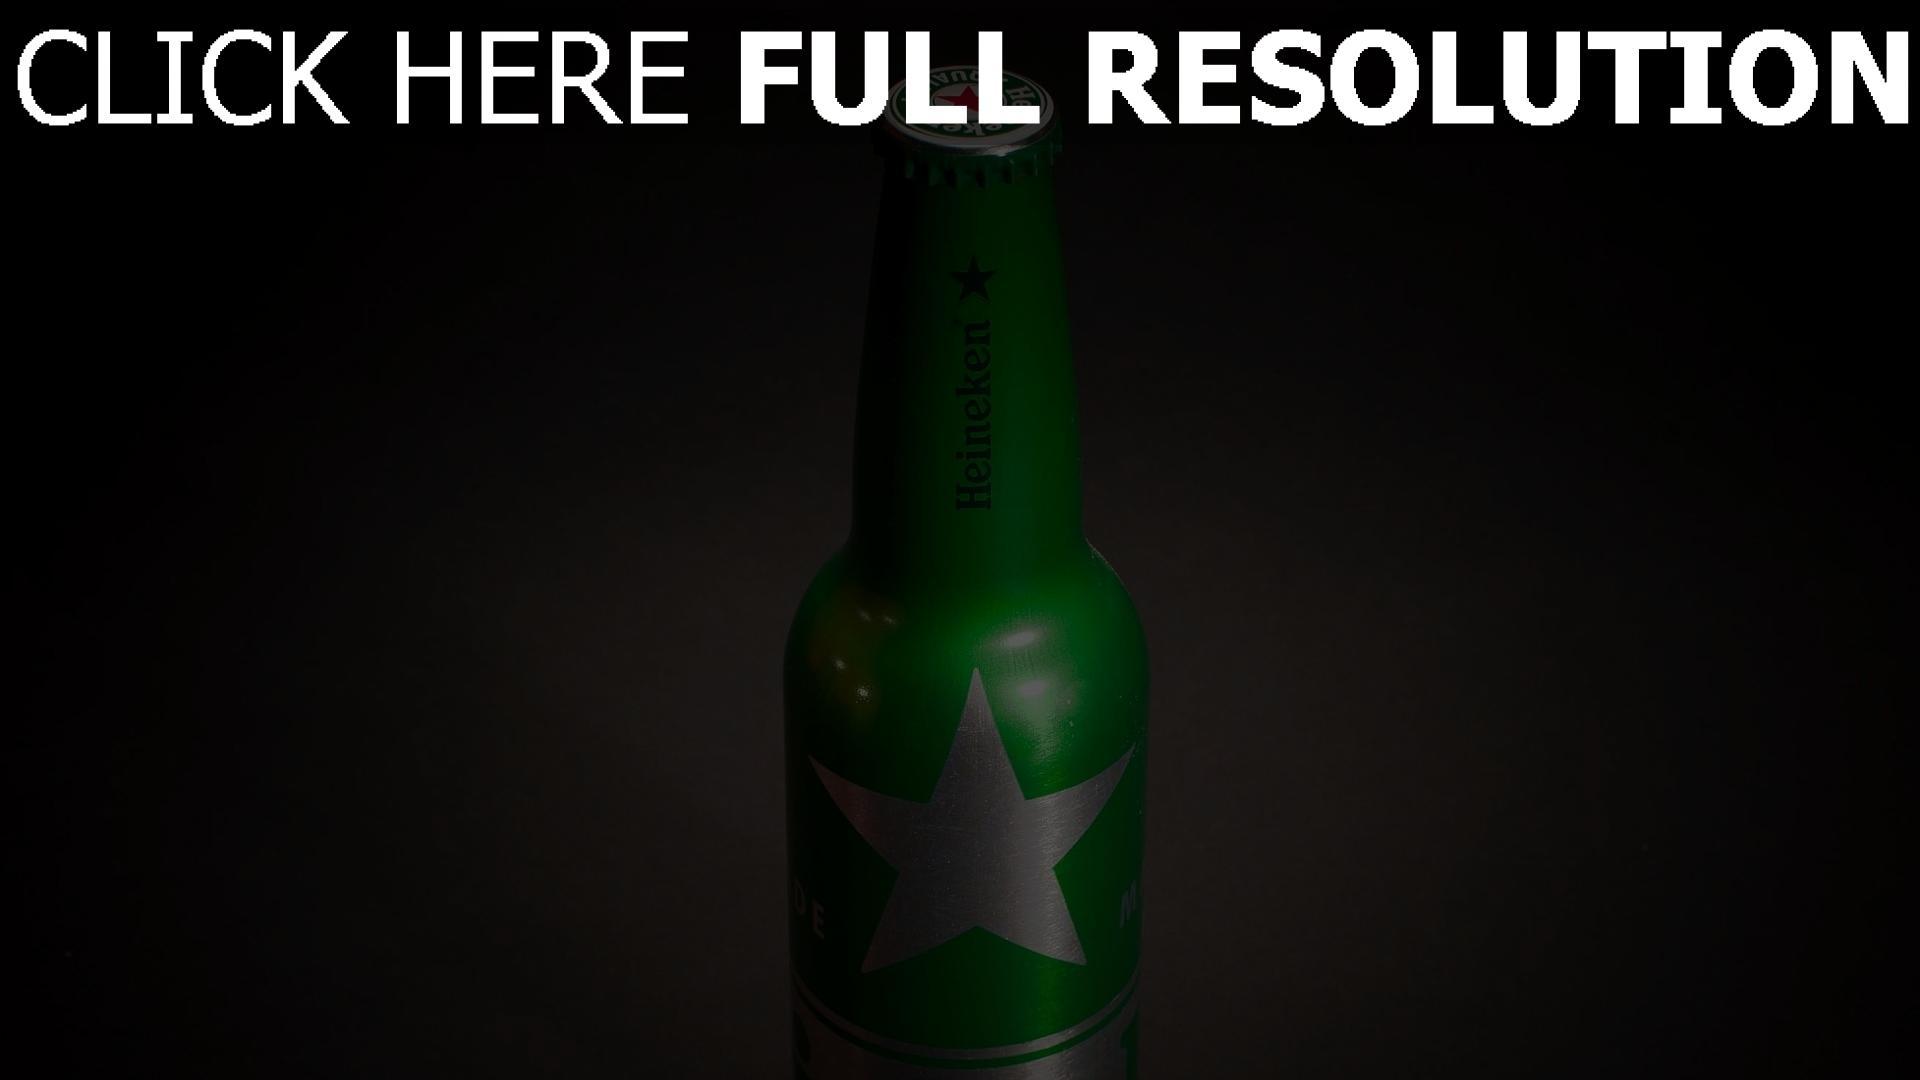 hd hintergrundbilder heineken bier alkohol flasche grün 1920x1080